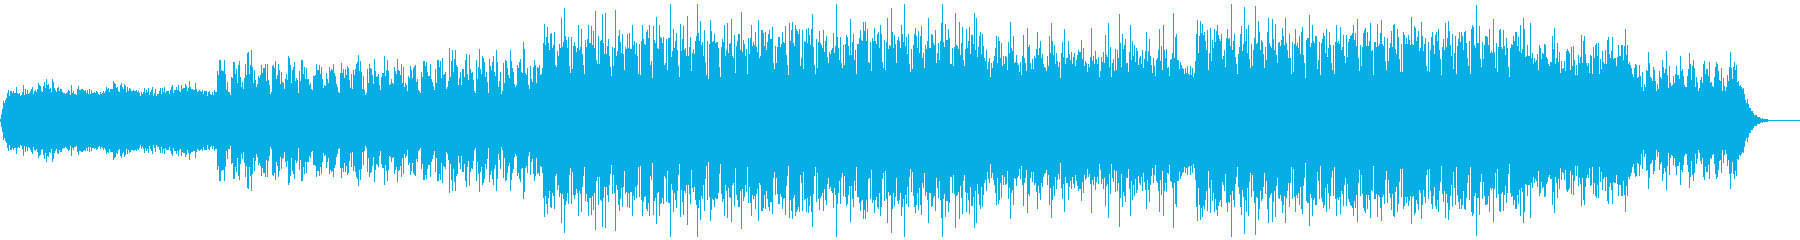 近未来的なテクノBGMの再生済みの波形